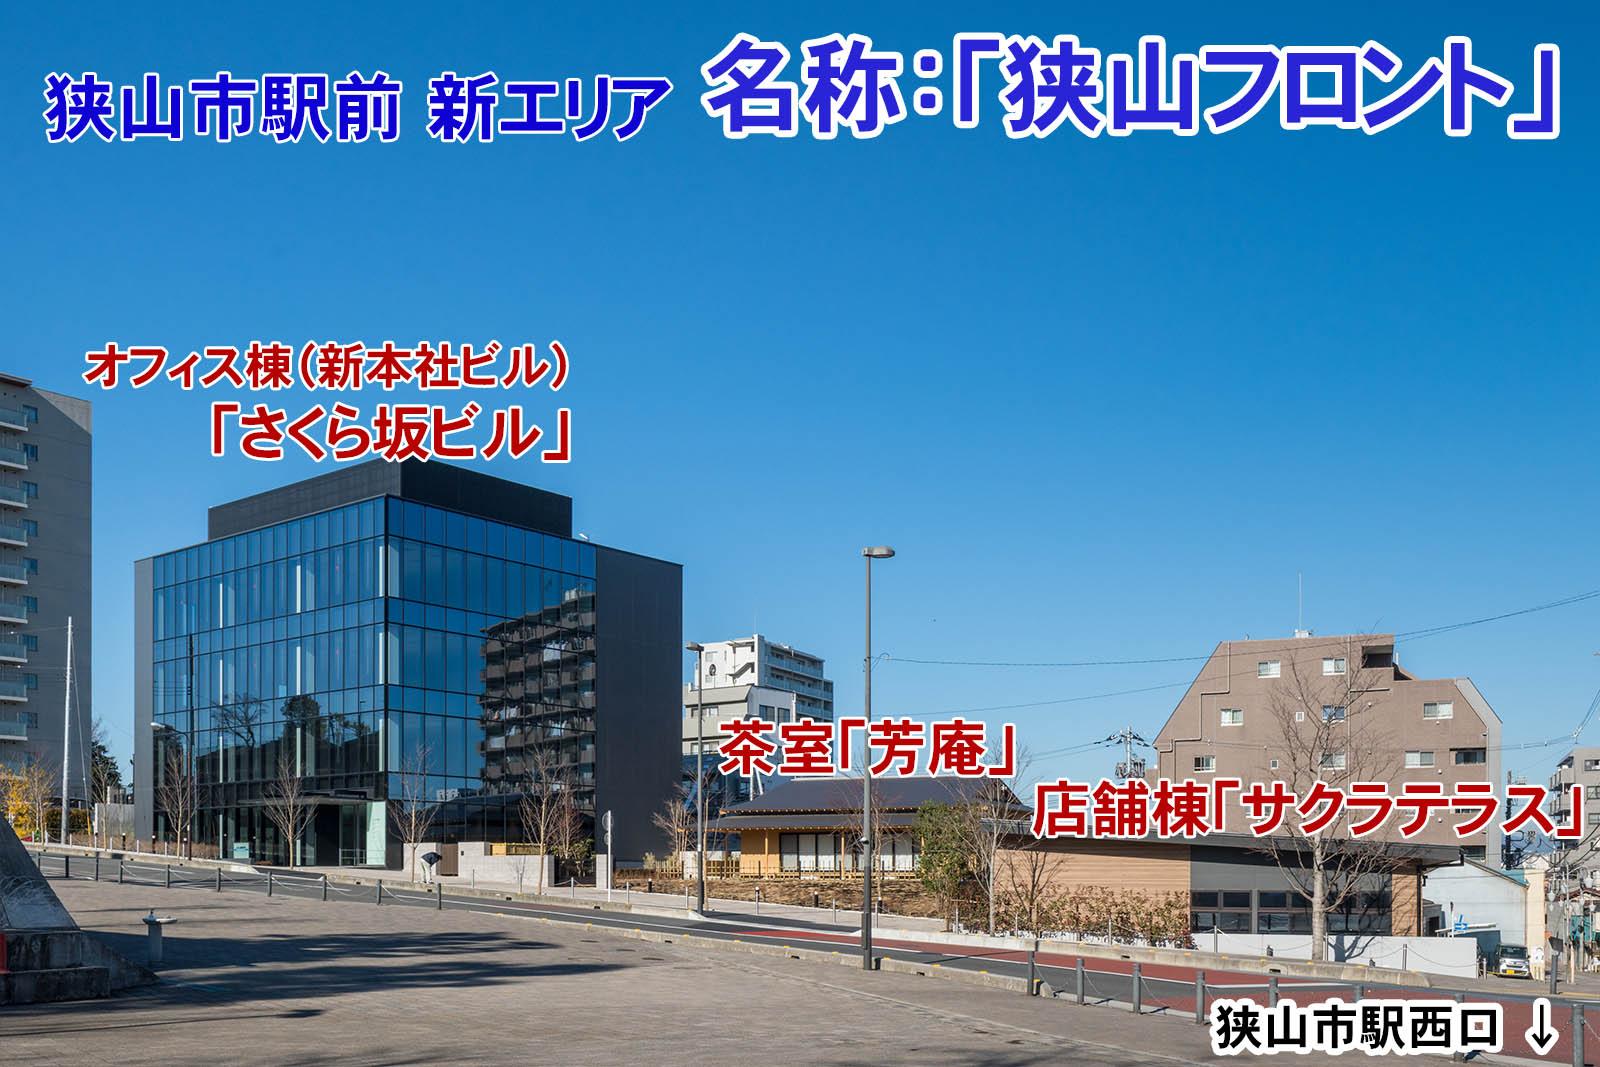 ゴトー養殖研究所 新本社ビル 狭山フロント